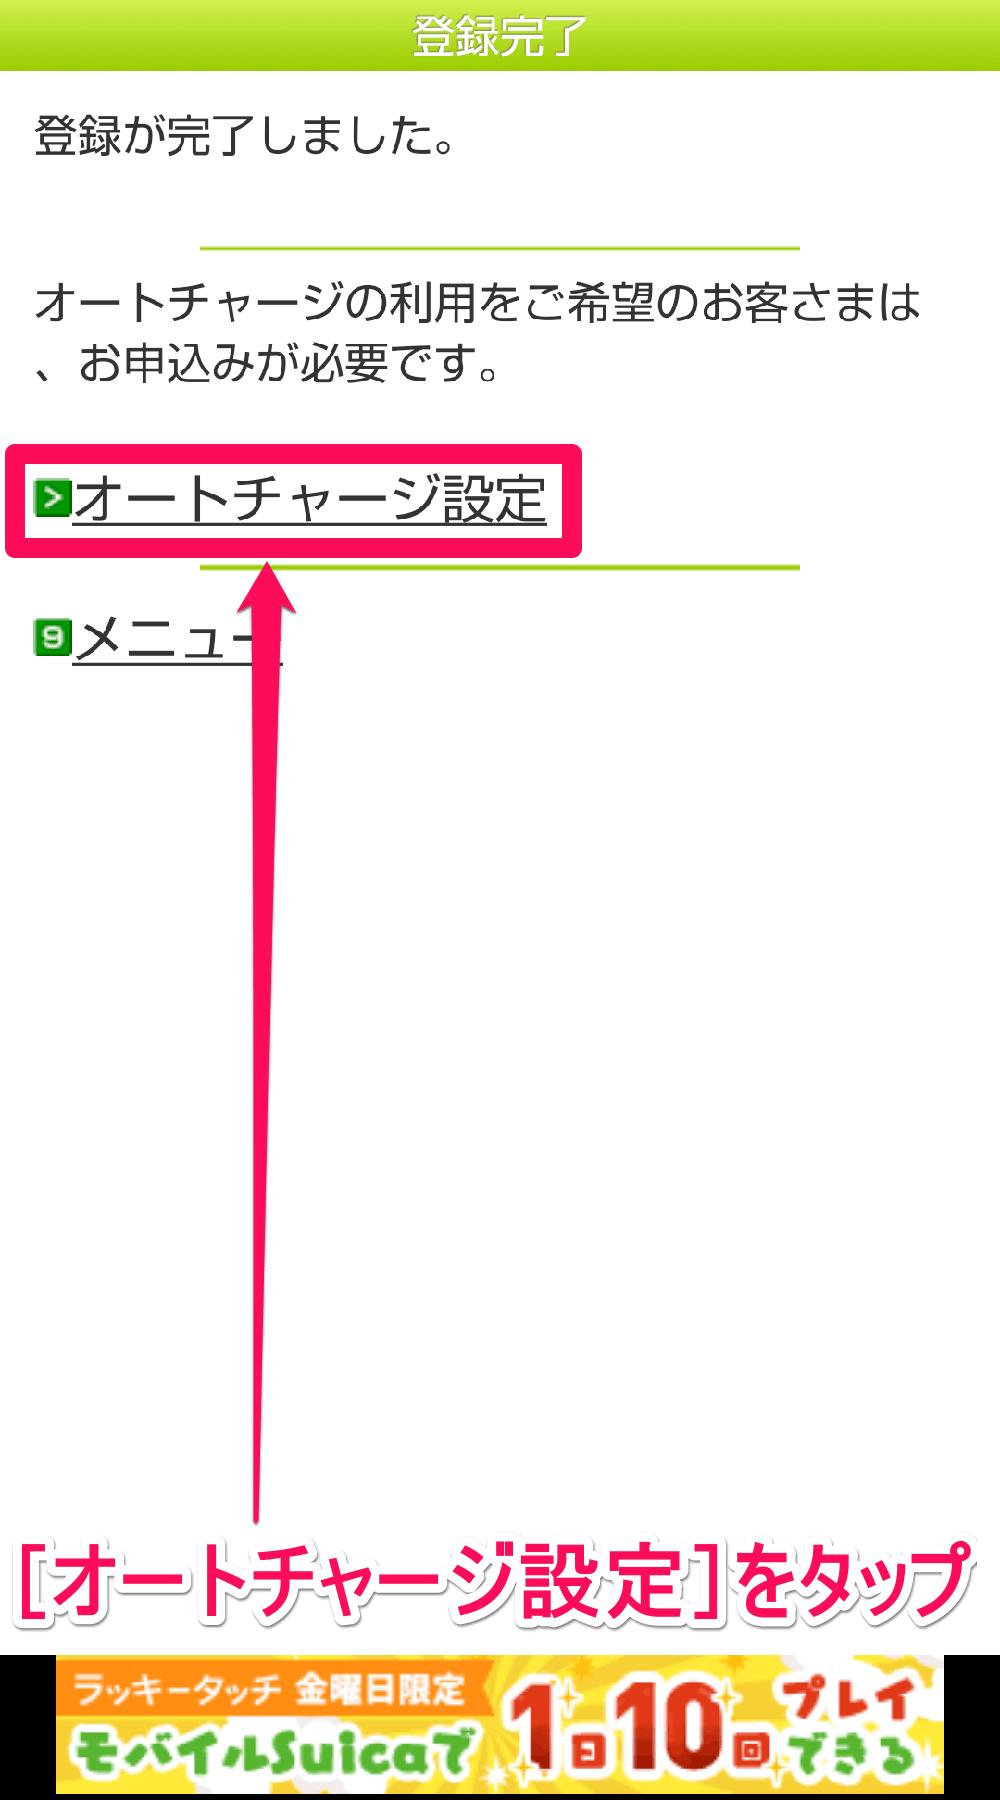 Android(アンドロイド)スマートフォン版「モバイルSuica」アプリの「登録完了」画面